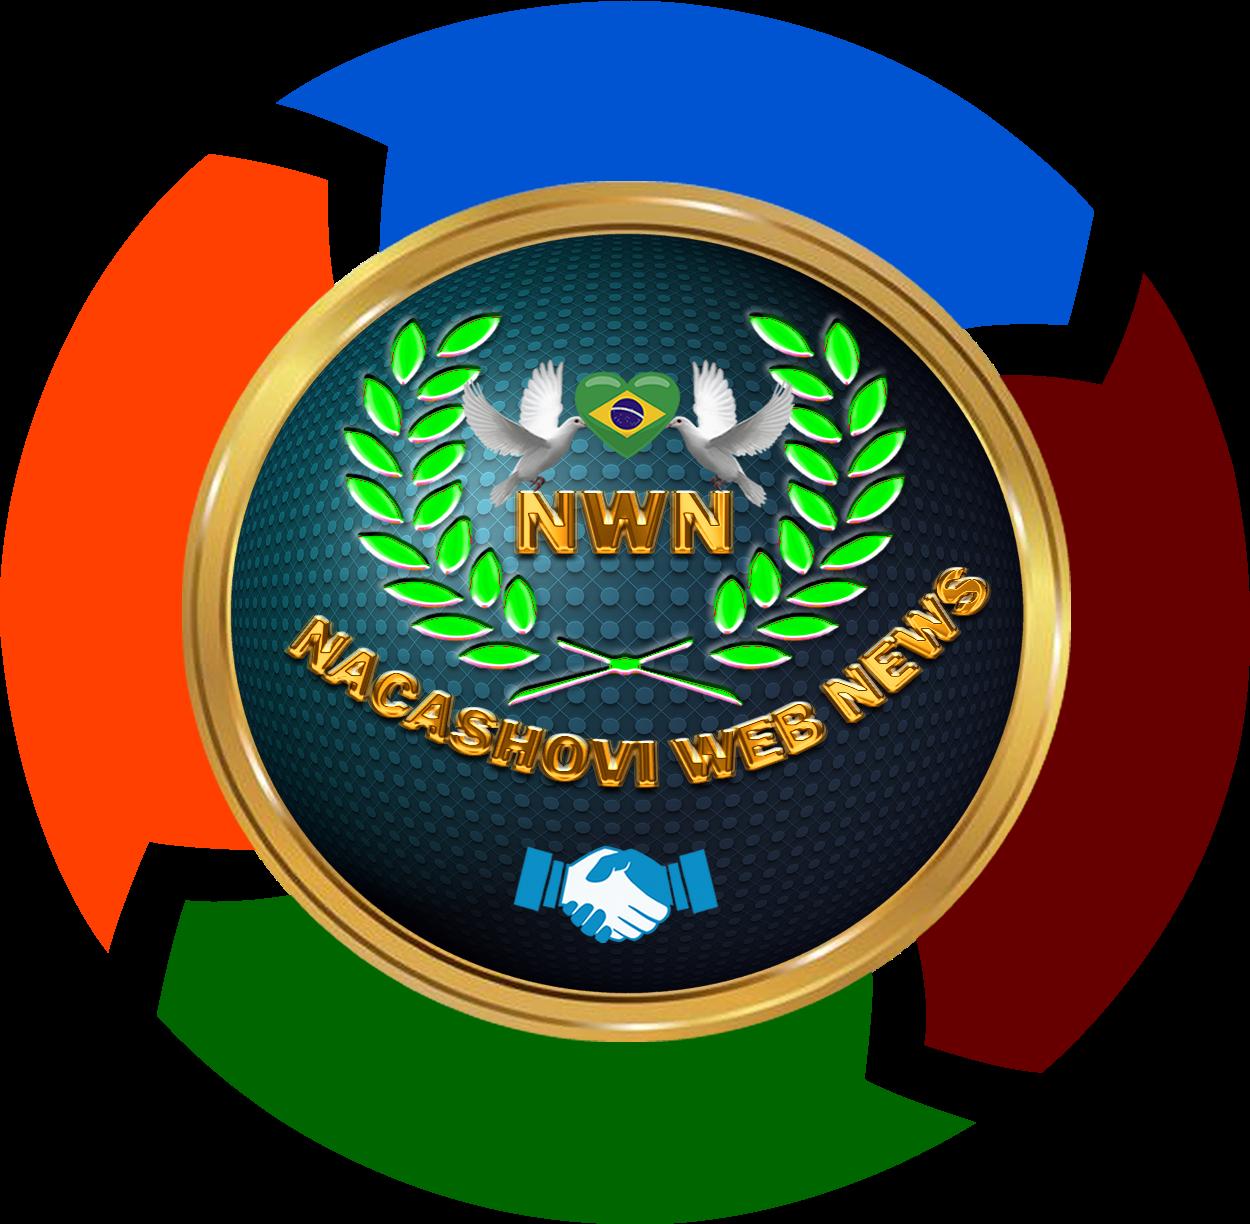 NACASHOVI WEB NEWS